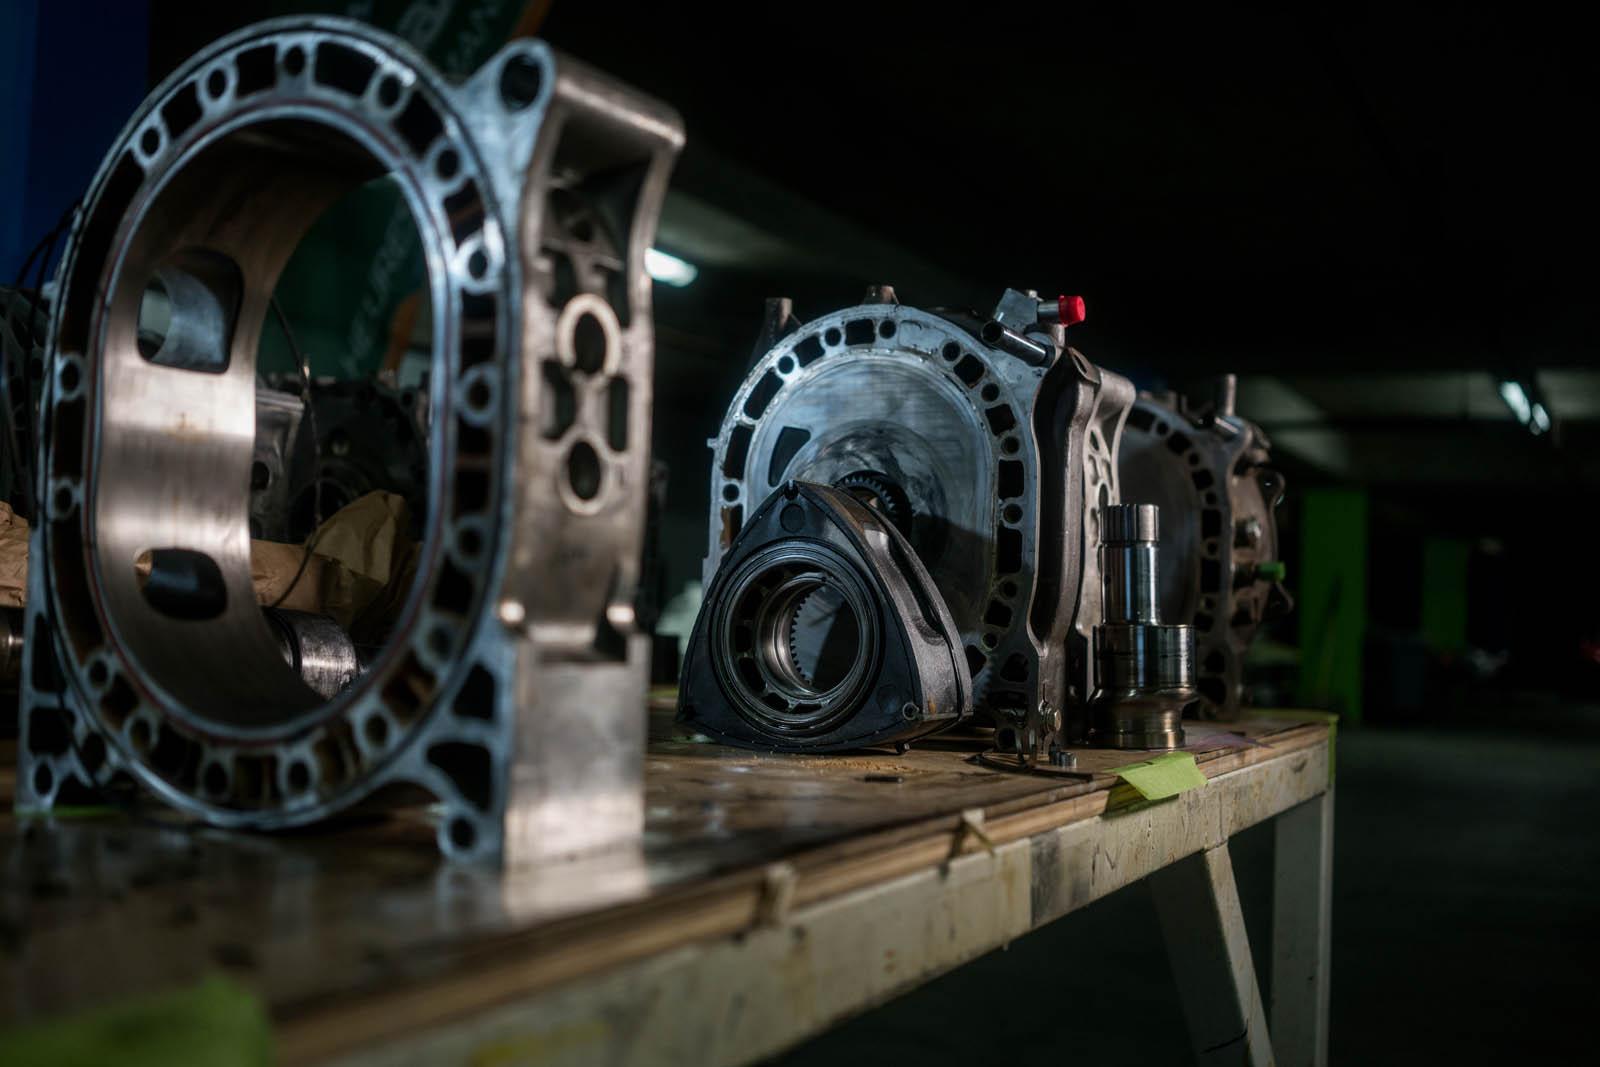 Mazda-50-years-of-rotary-8